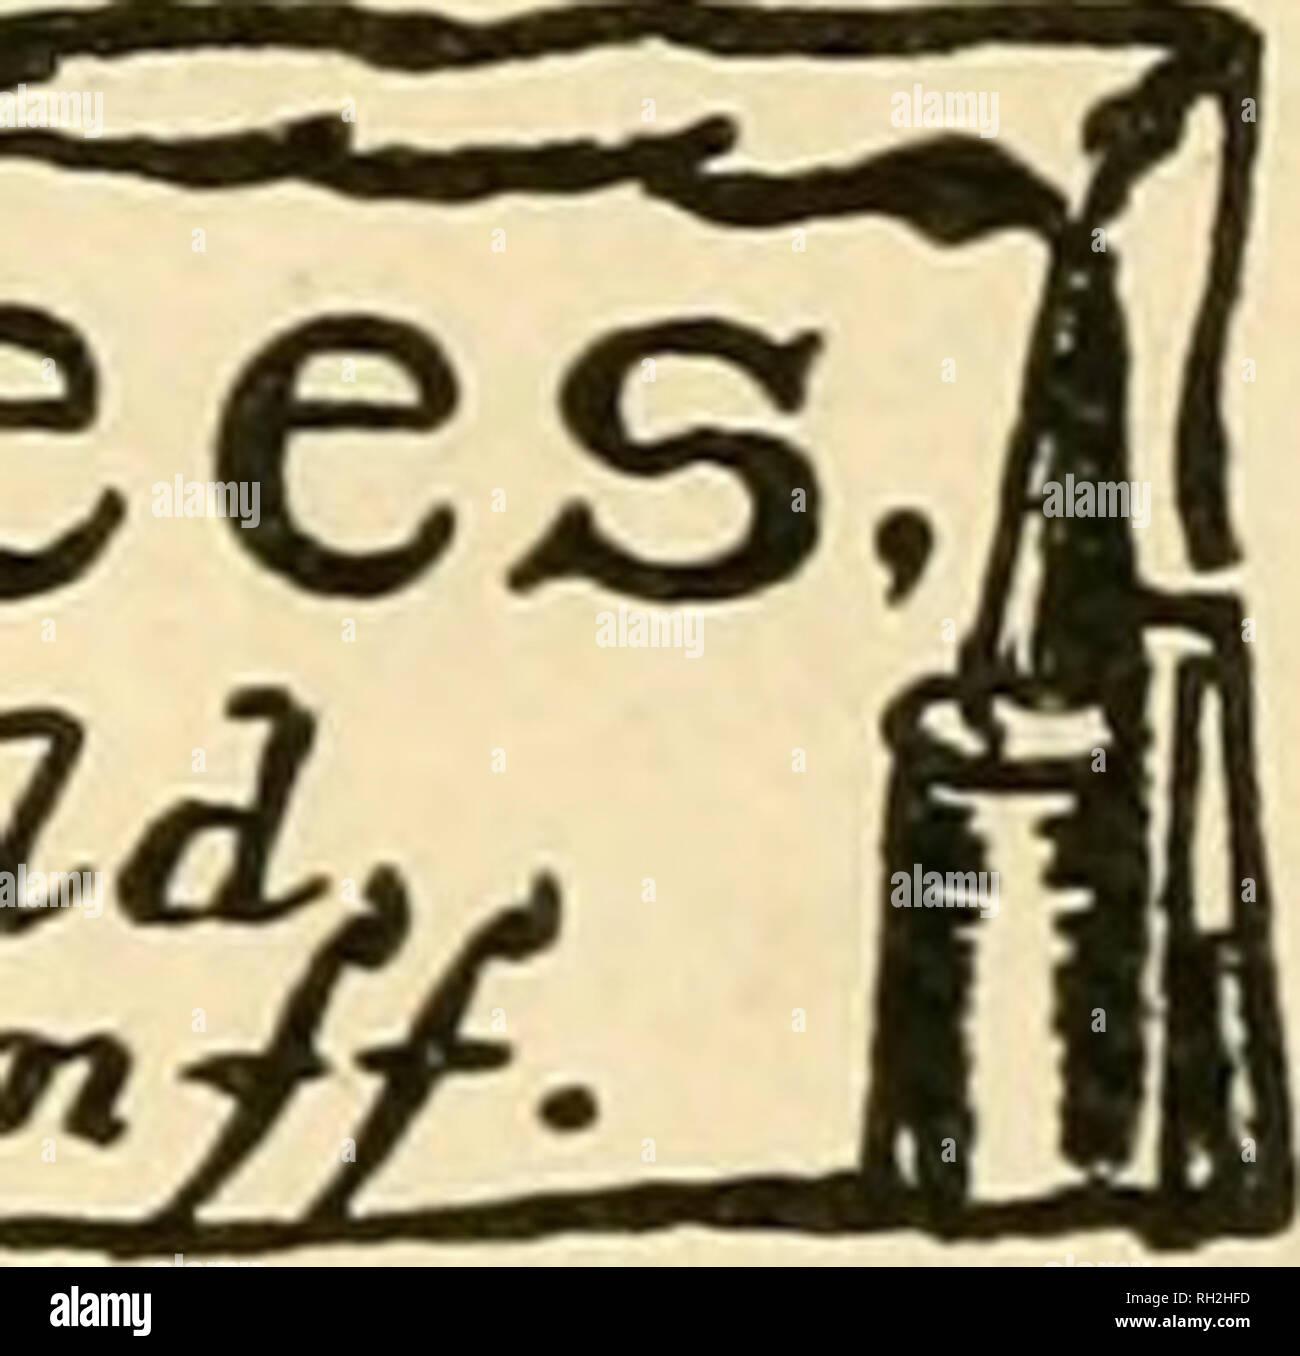 . British bee journal &AMP; conseiller les apiculteurs. Les abeilles. 112 LE BRITISH BEE JOURNAL. [Mars 19, 1914. l'extérieur du comté, mais d'obtenir tous les requis de ceux à l'intérieur. M. Pugh a proposé une motion de remerciements chaleureux à l'adjoint au maire pour présider la réunion. M. Ellis appuyée, et elle a été menée avec acclamation. M. Ward, en réponse, a dit combien il était heureux de pouvoir une fois de plus pour être avec eux parce qu'il a vu qu'ils faisaient tout ce qu'ils pouvaient en tant qu'Association pour faire avancer l'industrie de l'apiculture, et n'importe qui pouvait voir sur le rapport d'analyse avec soin et le bilan qu'une larg Photo Stock